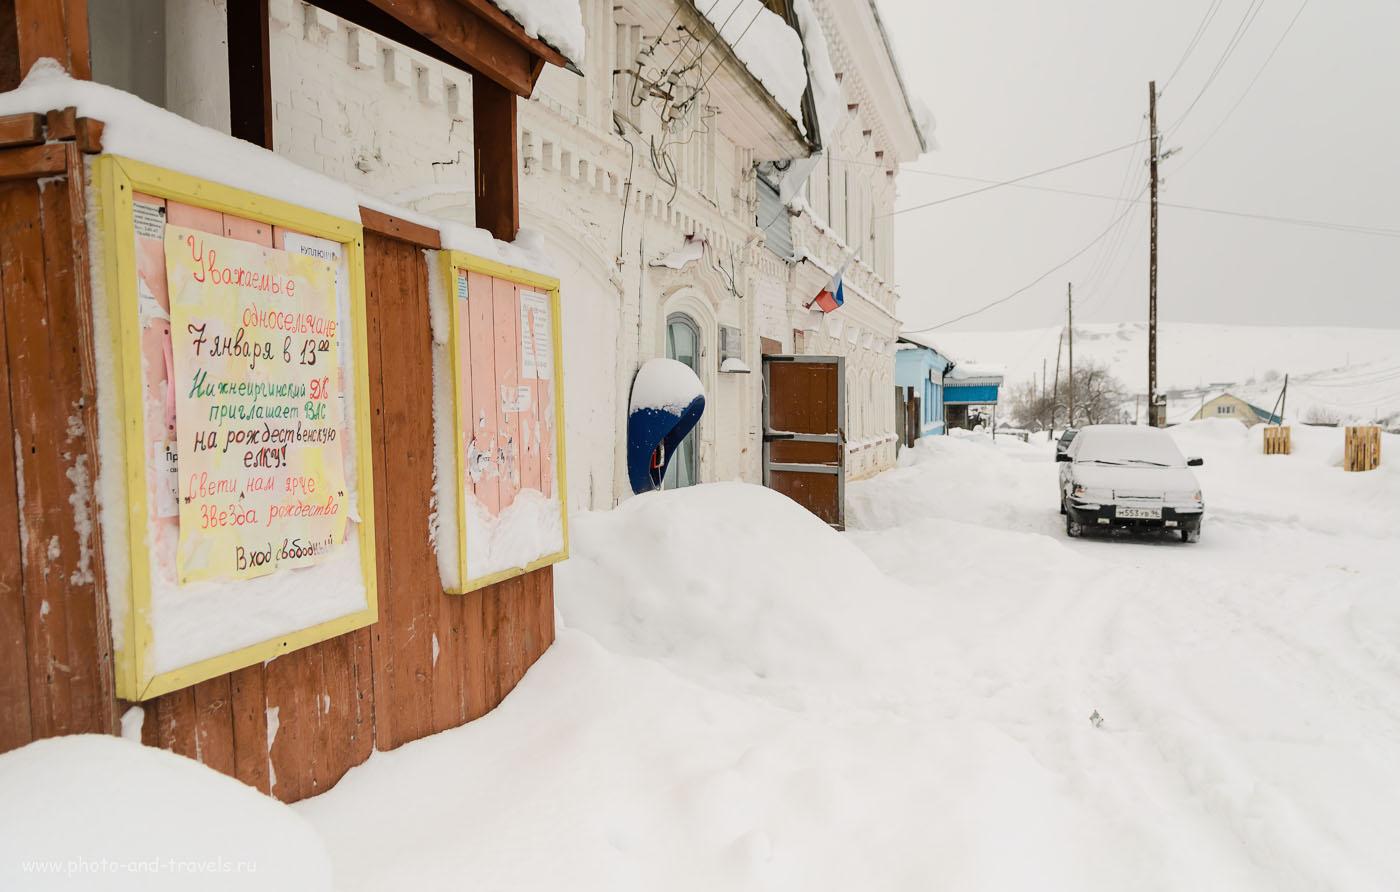 Фото 5. Зимой в деревне приглашаем на концерт